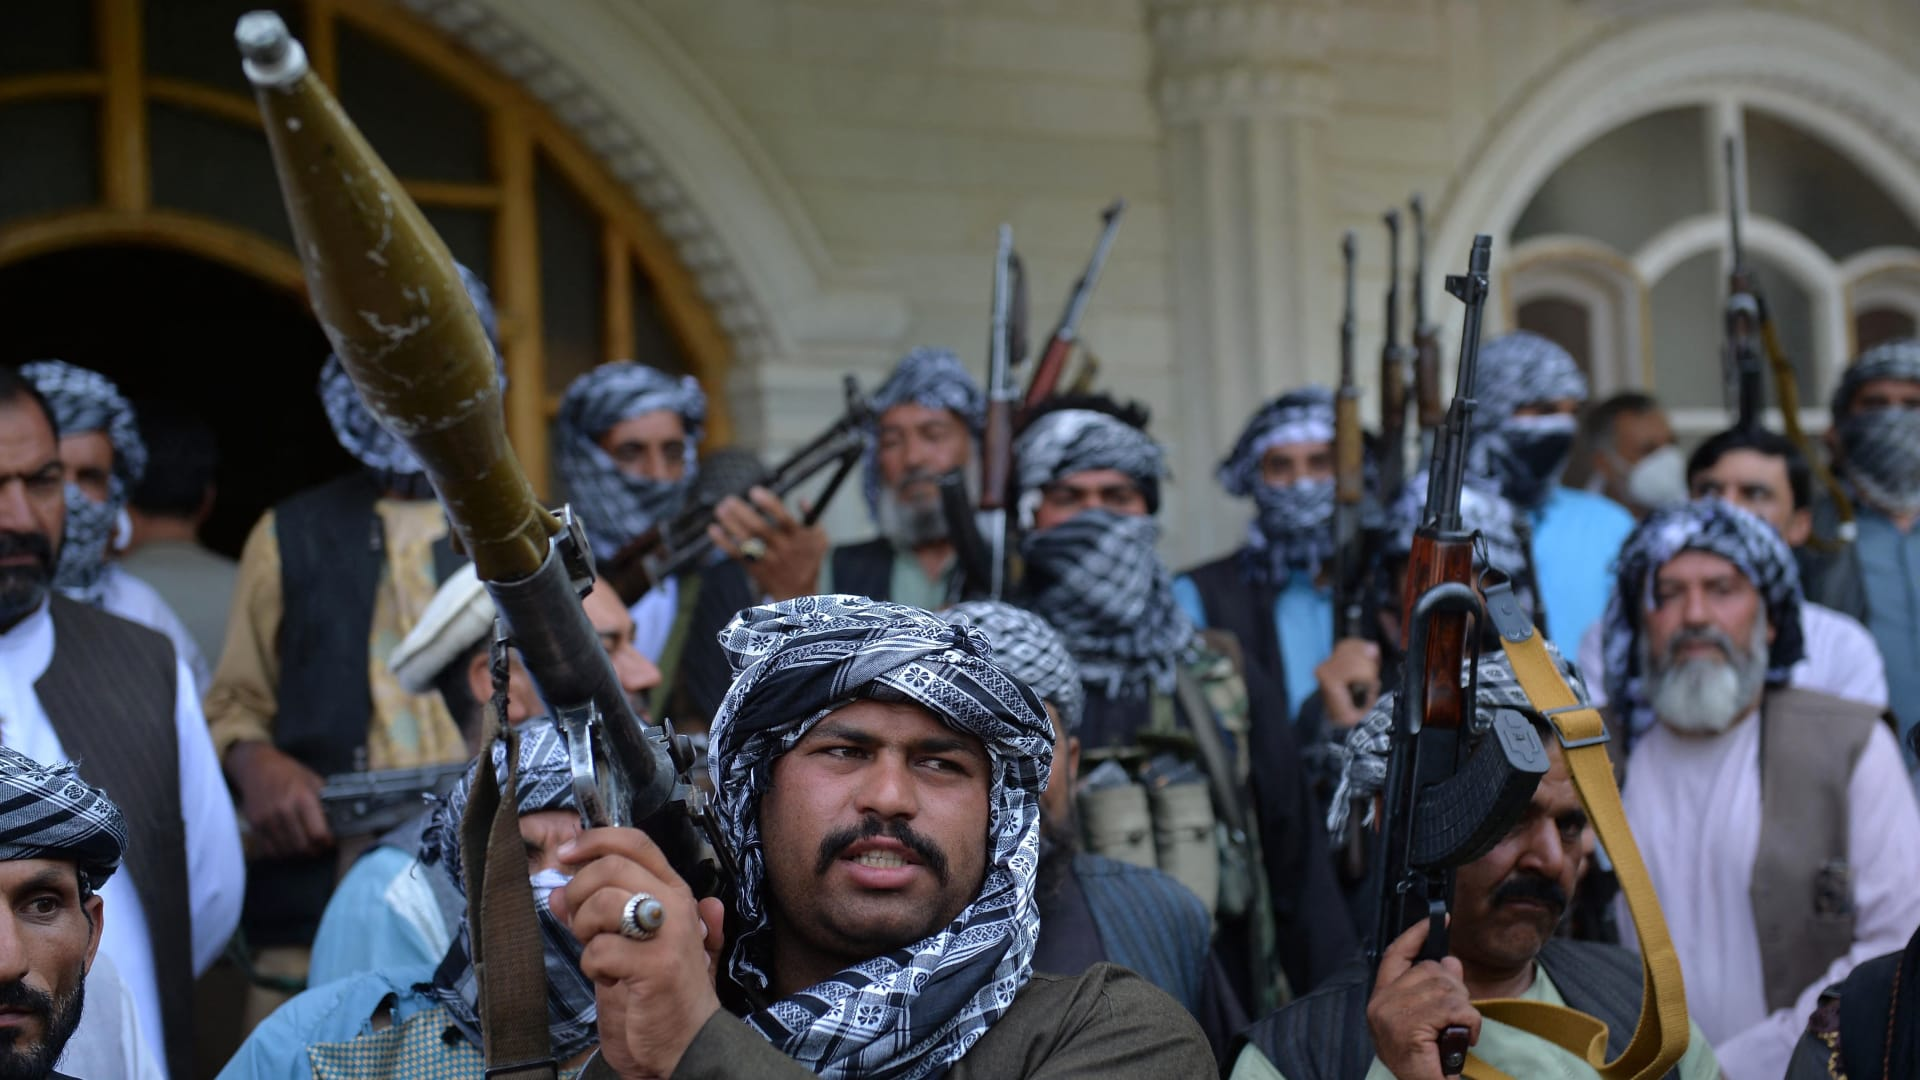 كاميرا CNN ترصد حصار قندهار من قاعة حفلات زفاف تحولت لجبهة قتال أمامية ضد طالبان